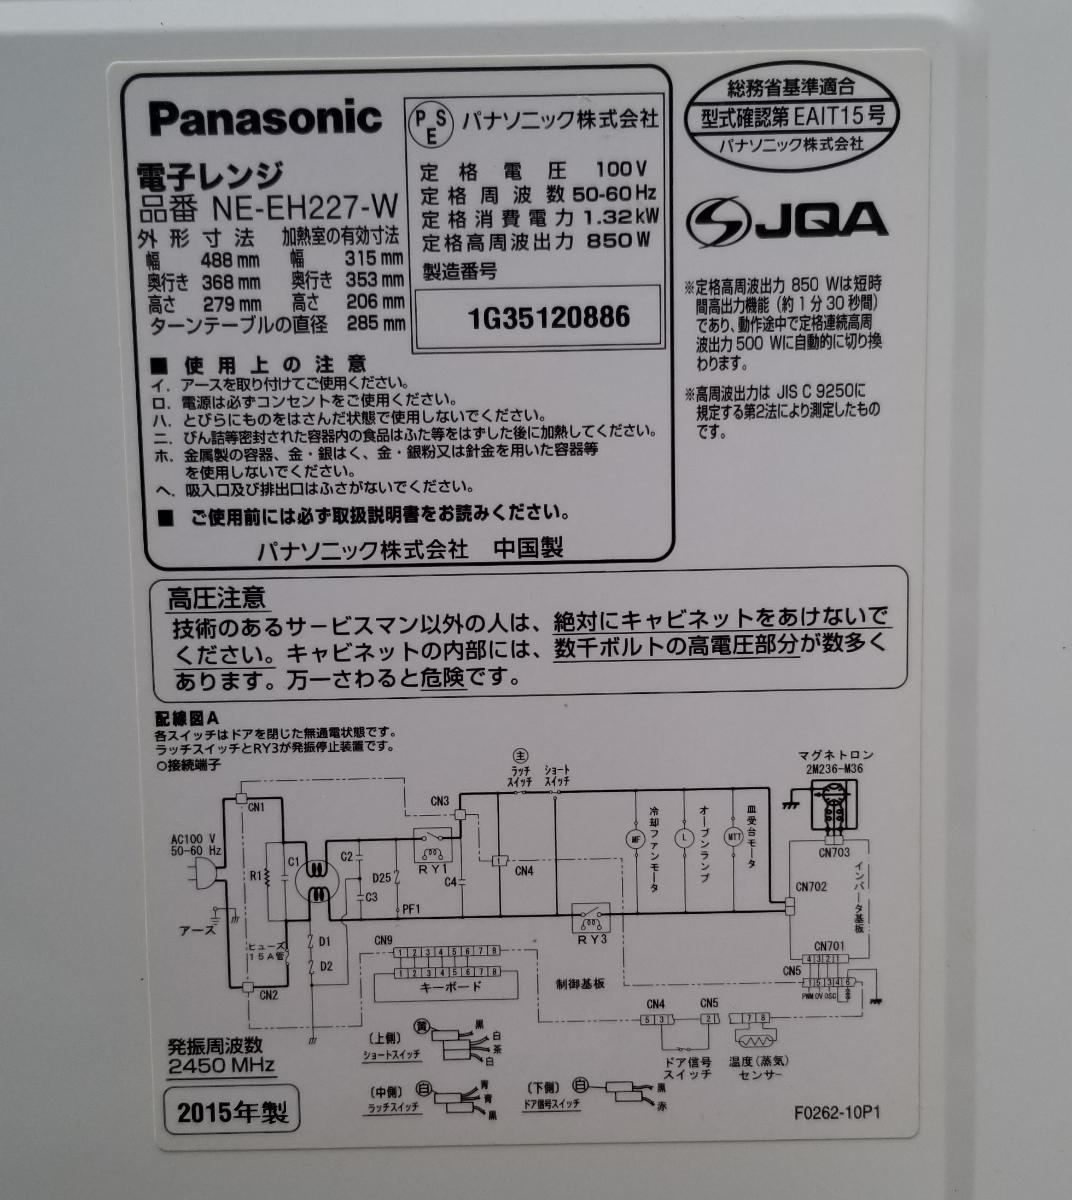 【中古品】パナソニック 電子レンジ NE-EH227-W 2015年製 850W Panasonic レンジ 美品_画像6